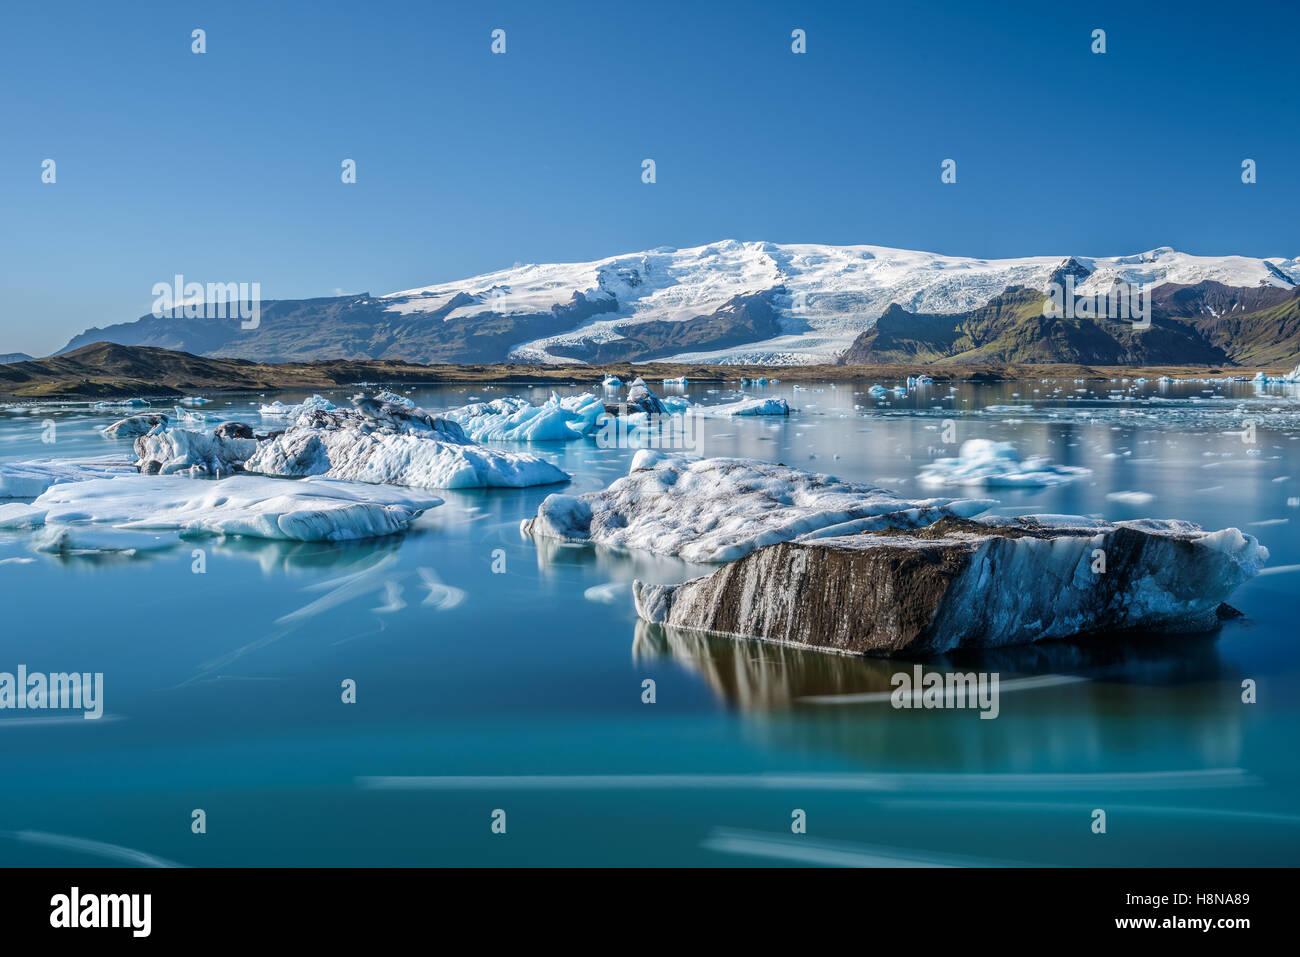 Schwimmende Eisberge in der Gletscherlagune Jökulsárlón, Island. Stockbild